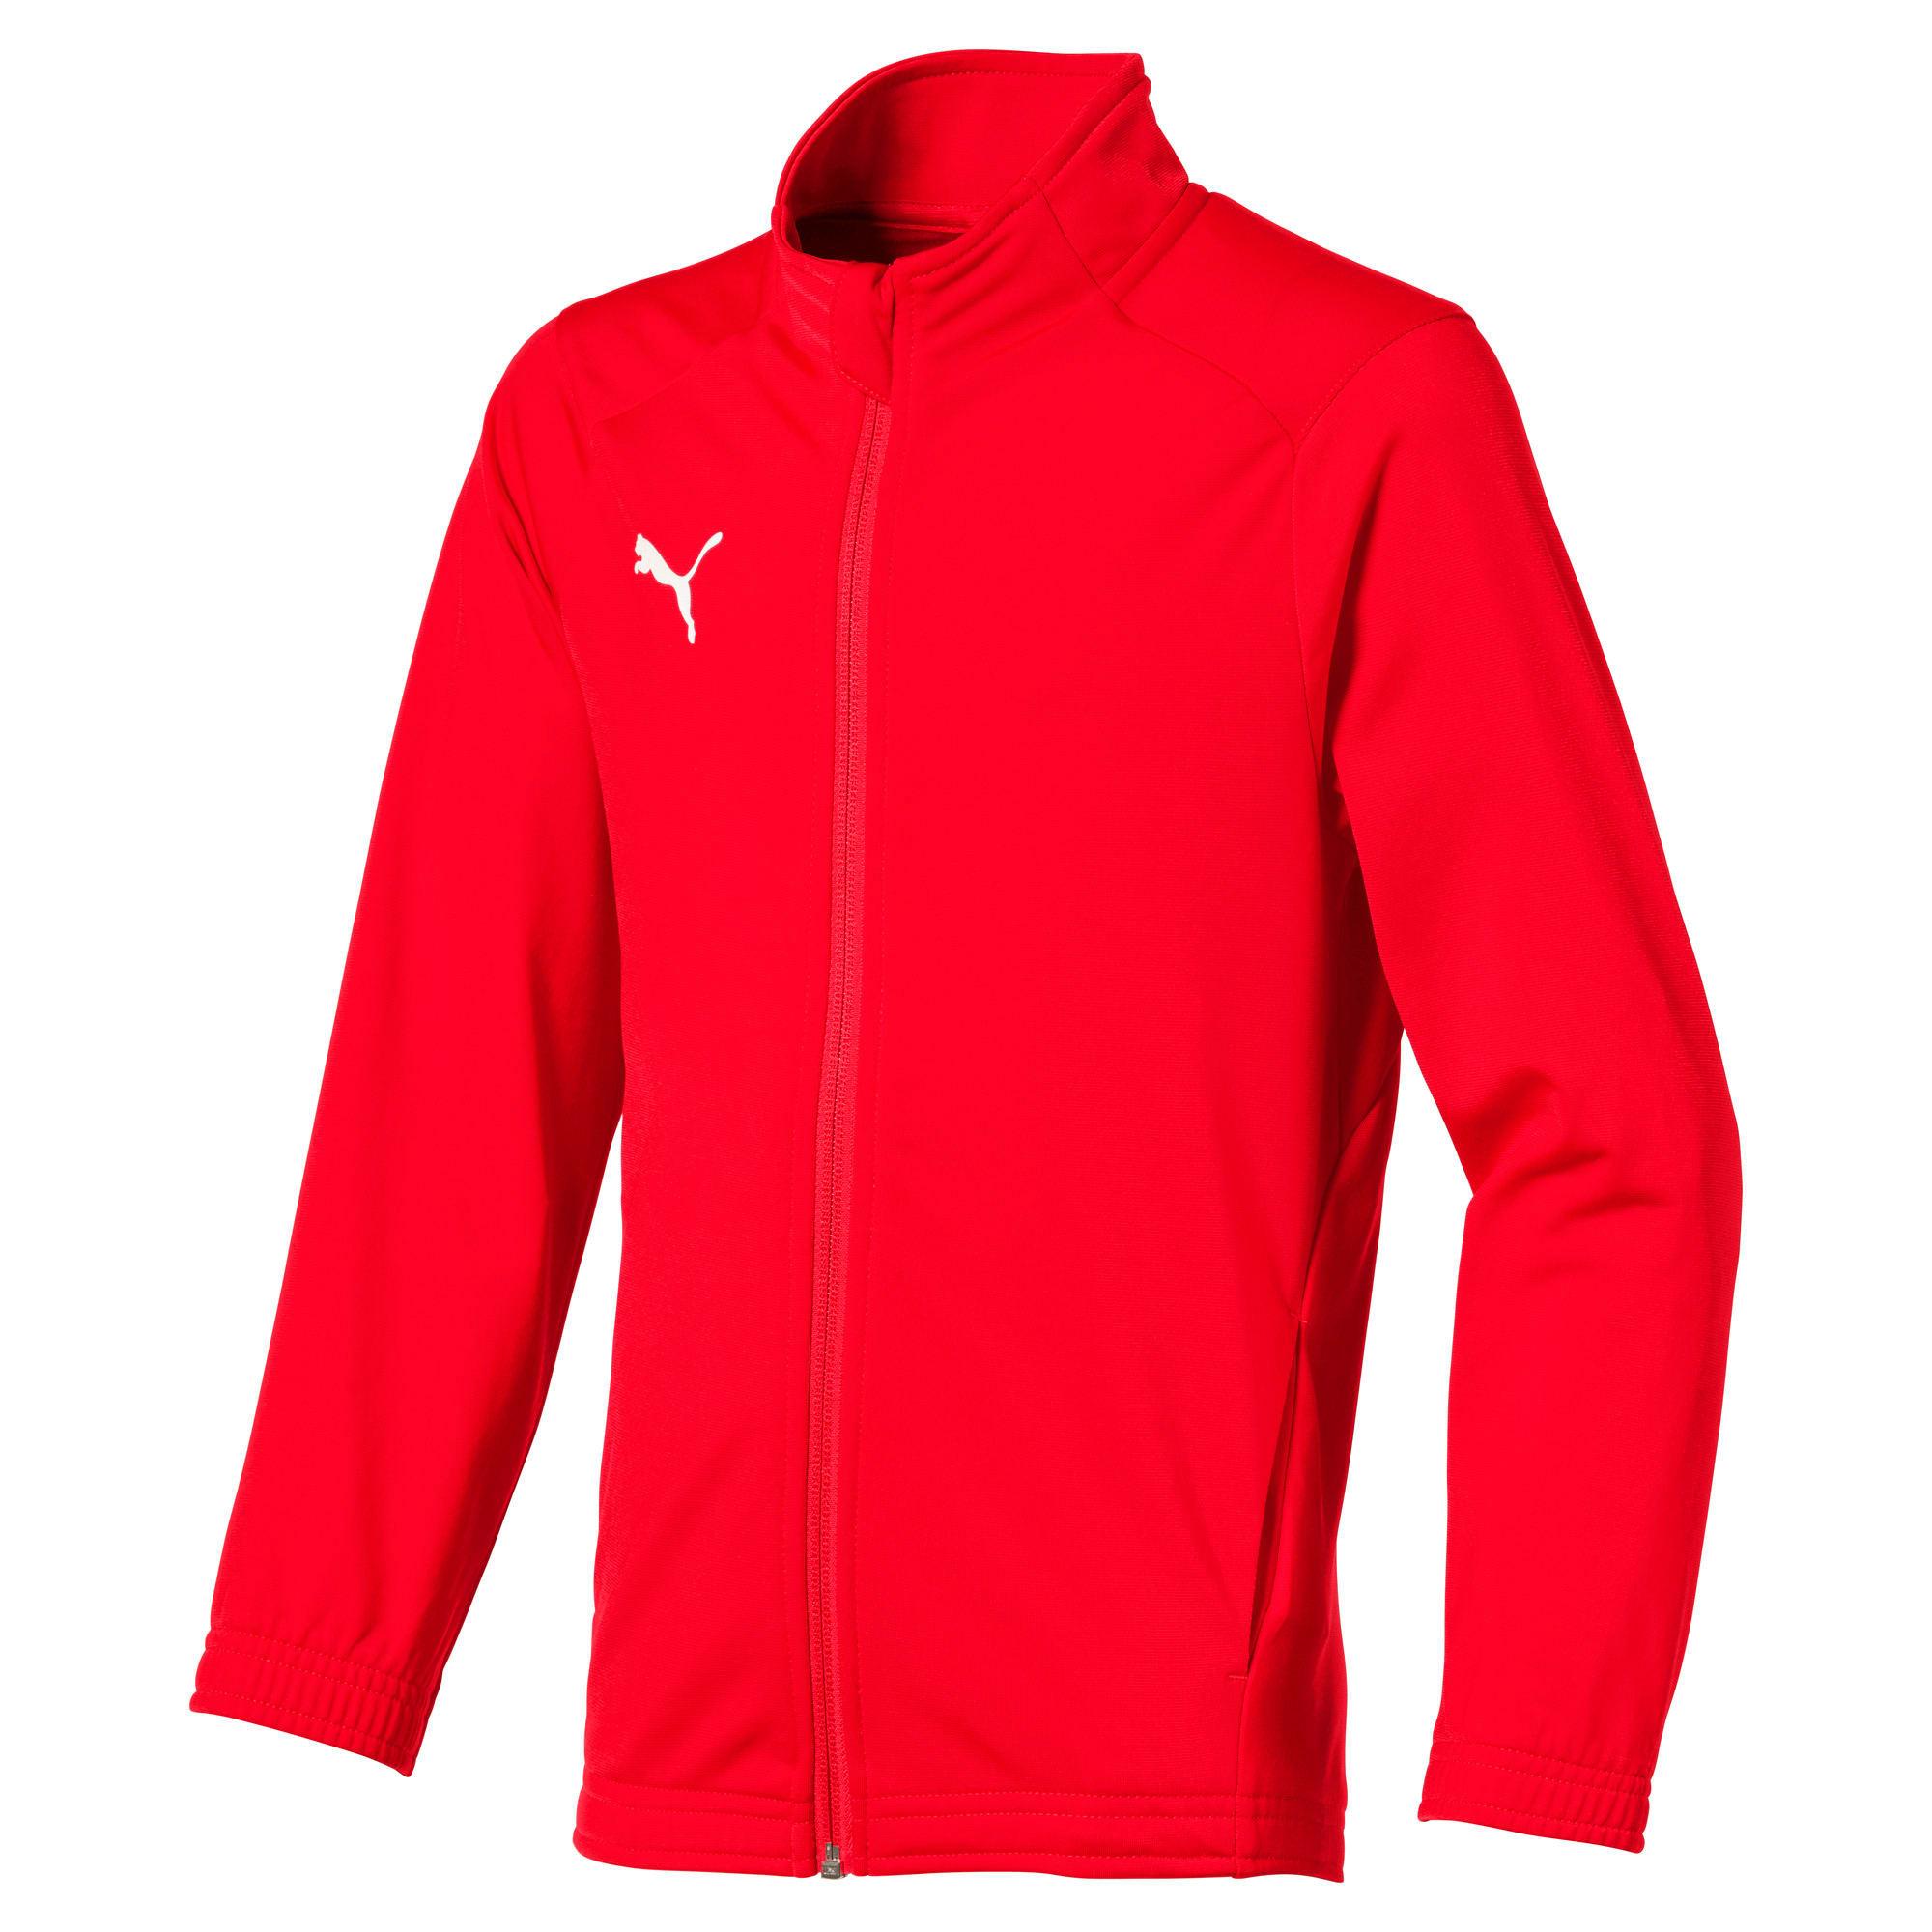 Football Kids' LIGA Sideline Core Jacket, Wit/Rood, Maat 152 | PUMA